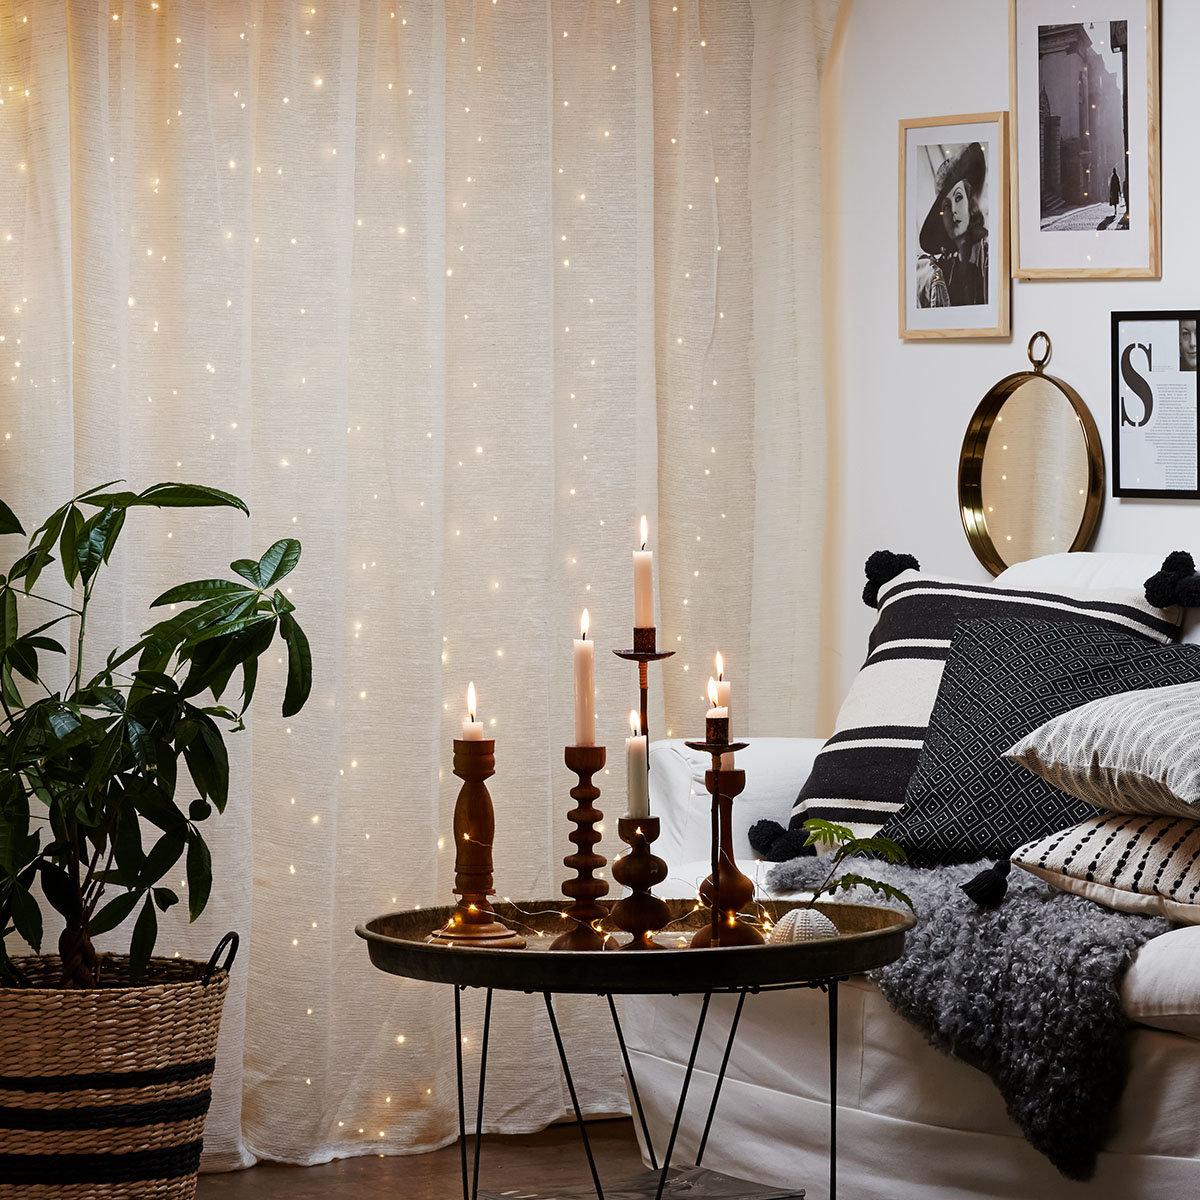 Full Size of Micro Led Vorhang Dew Drops Wohnzimmer Küche Bad Wohnzimmer Vorhang Terrassentür